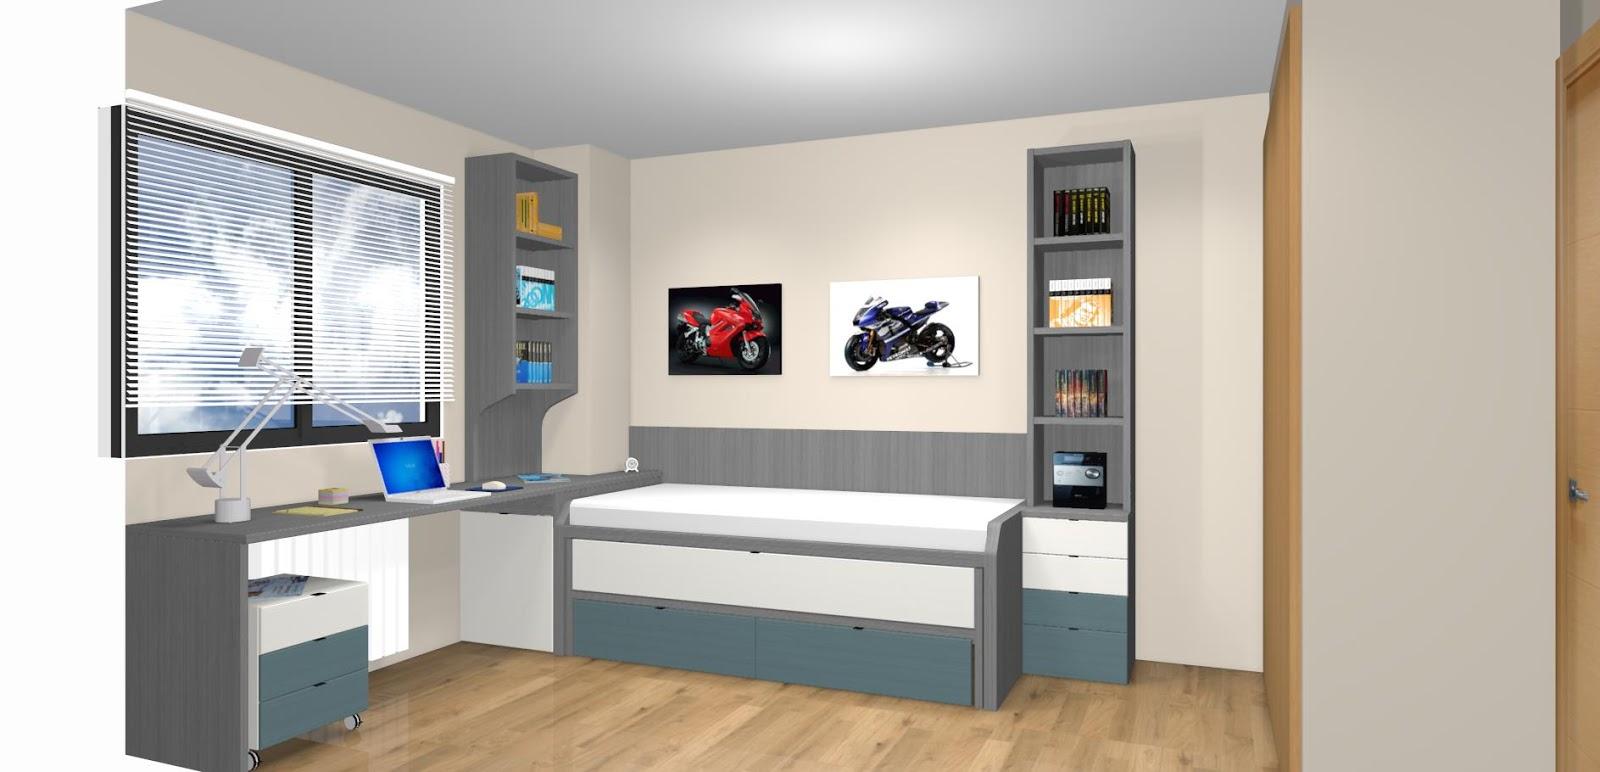 Dormitorios juveniles a medida con cama compacto for Habitaciones juveniles a medida